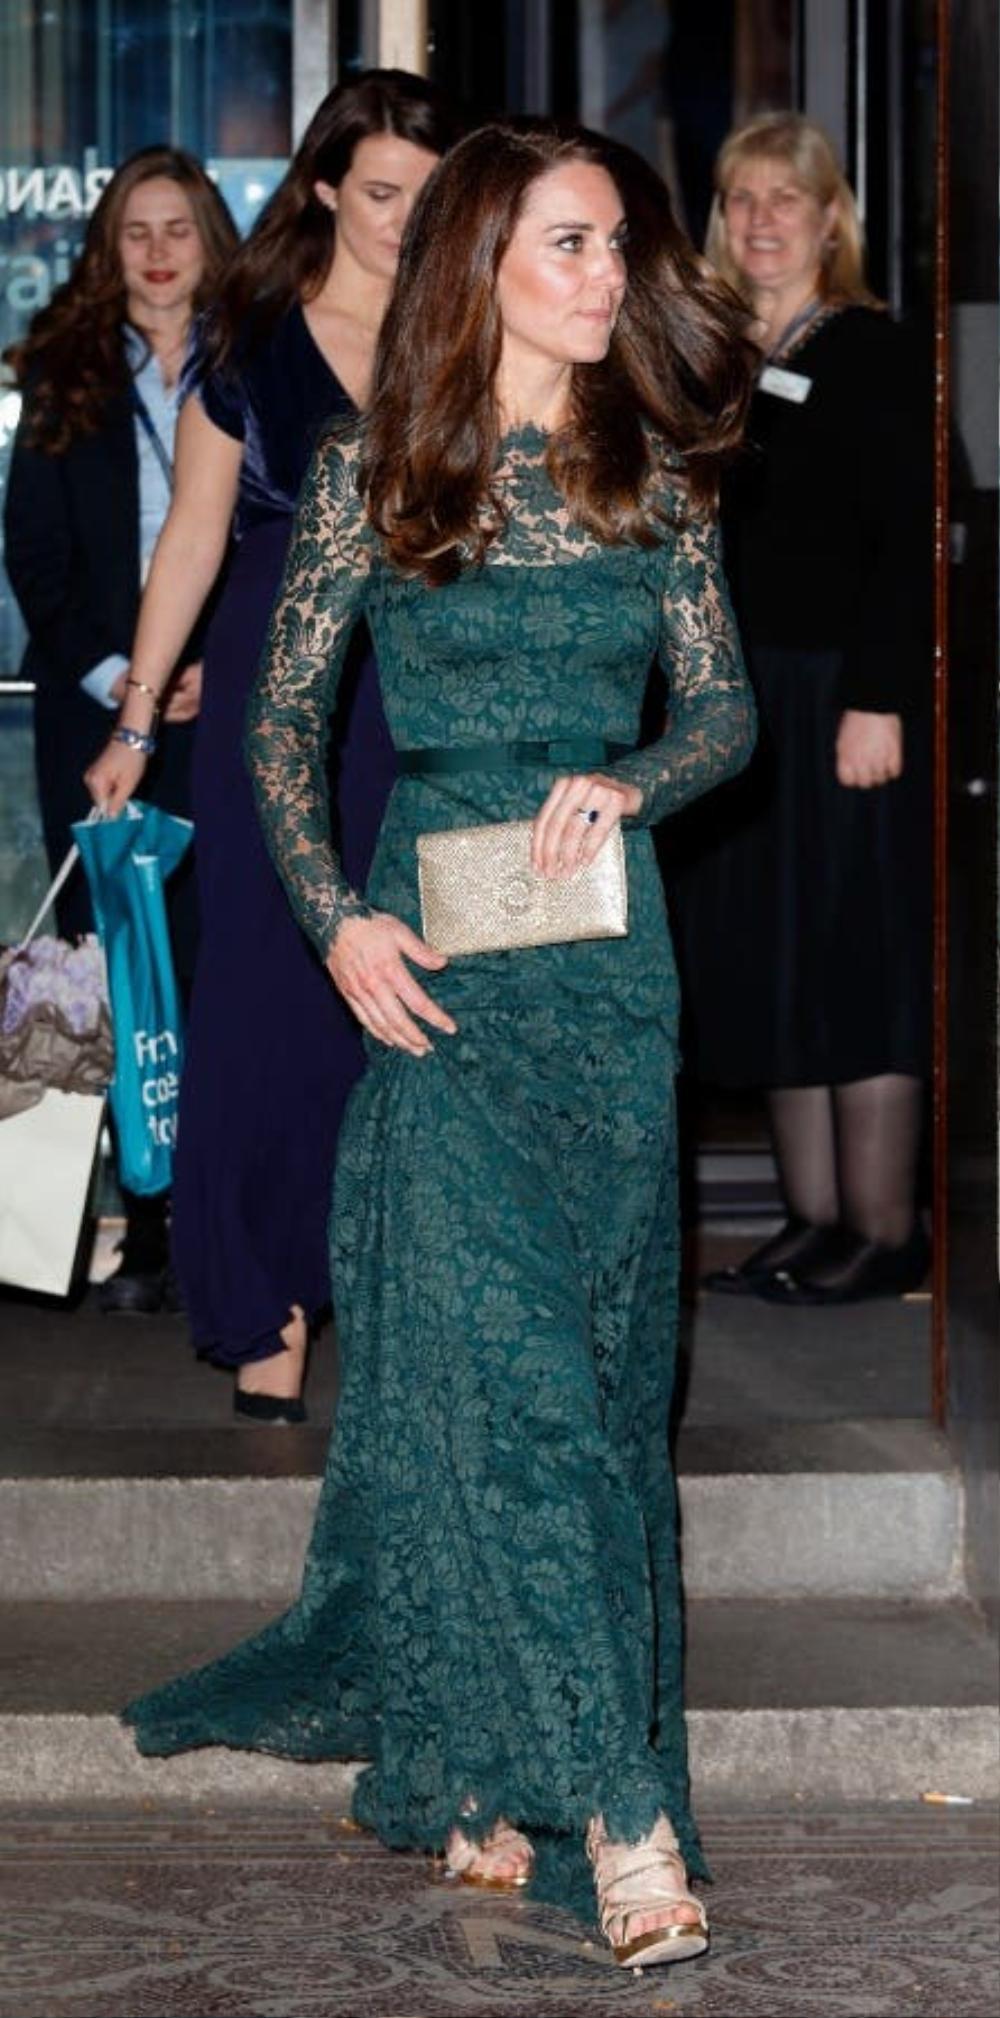 Bí ẩn tủ đồ Hoàng gia: Tại sao Kate Middleton thích mặc màu xanh lá cây? Ảnh 3